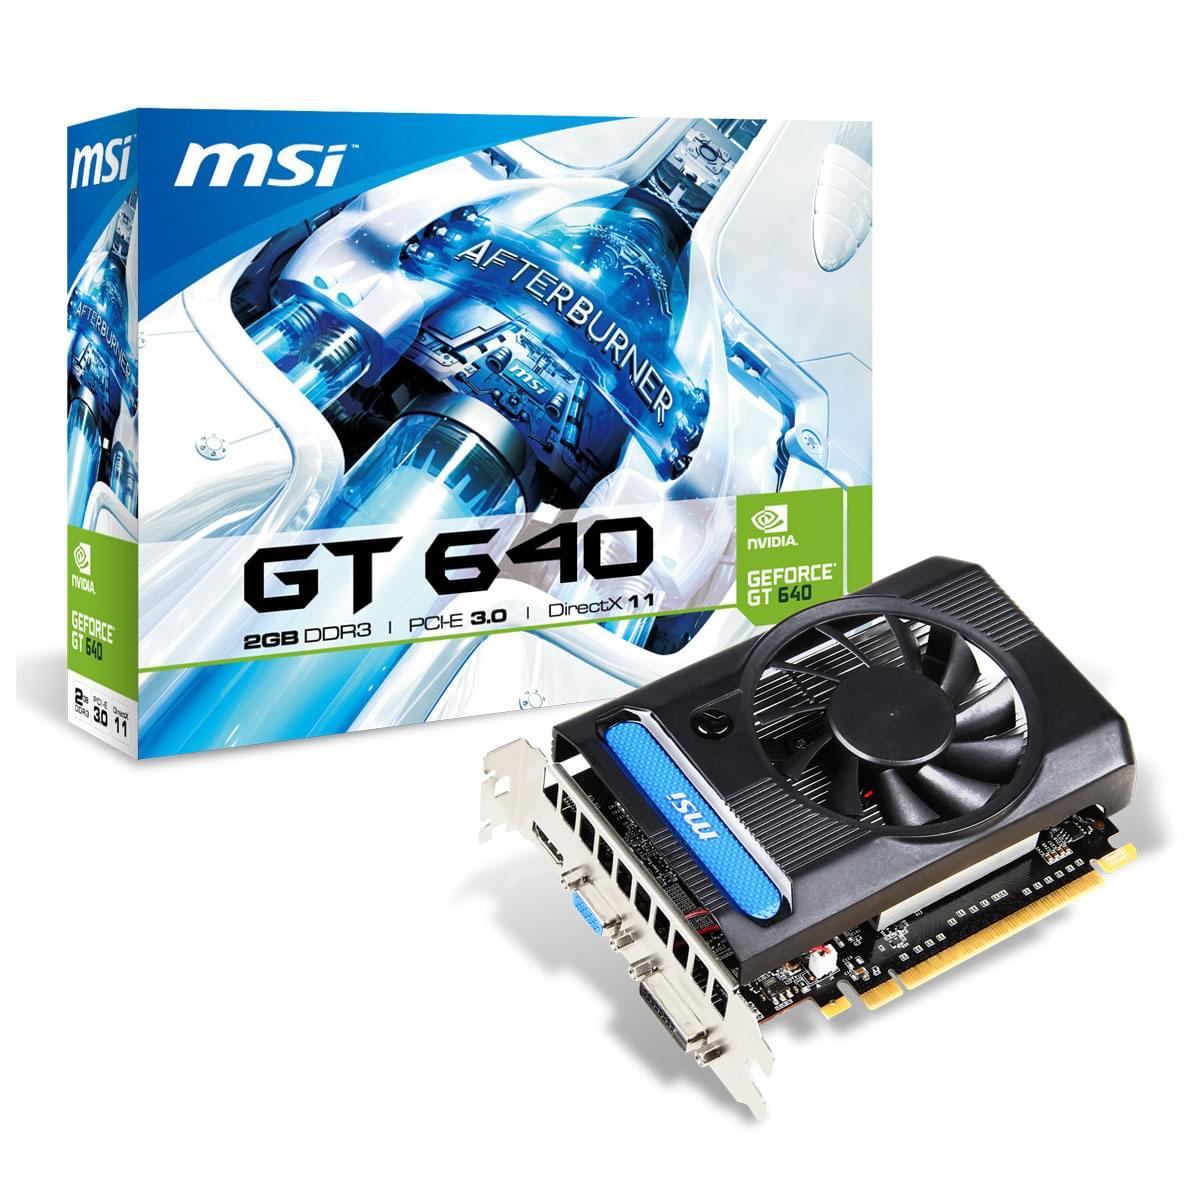 MSI  - 2Go - carte Graphique PC - GPU nVidia - 0